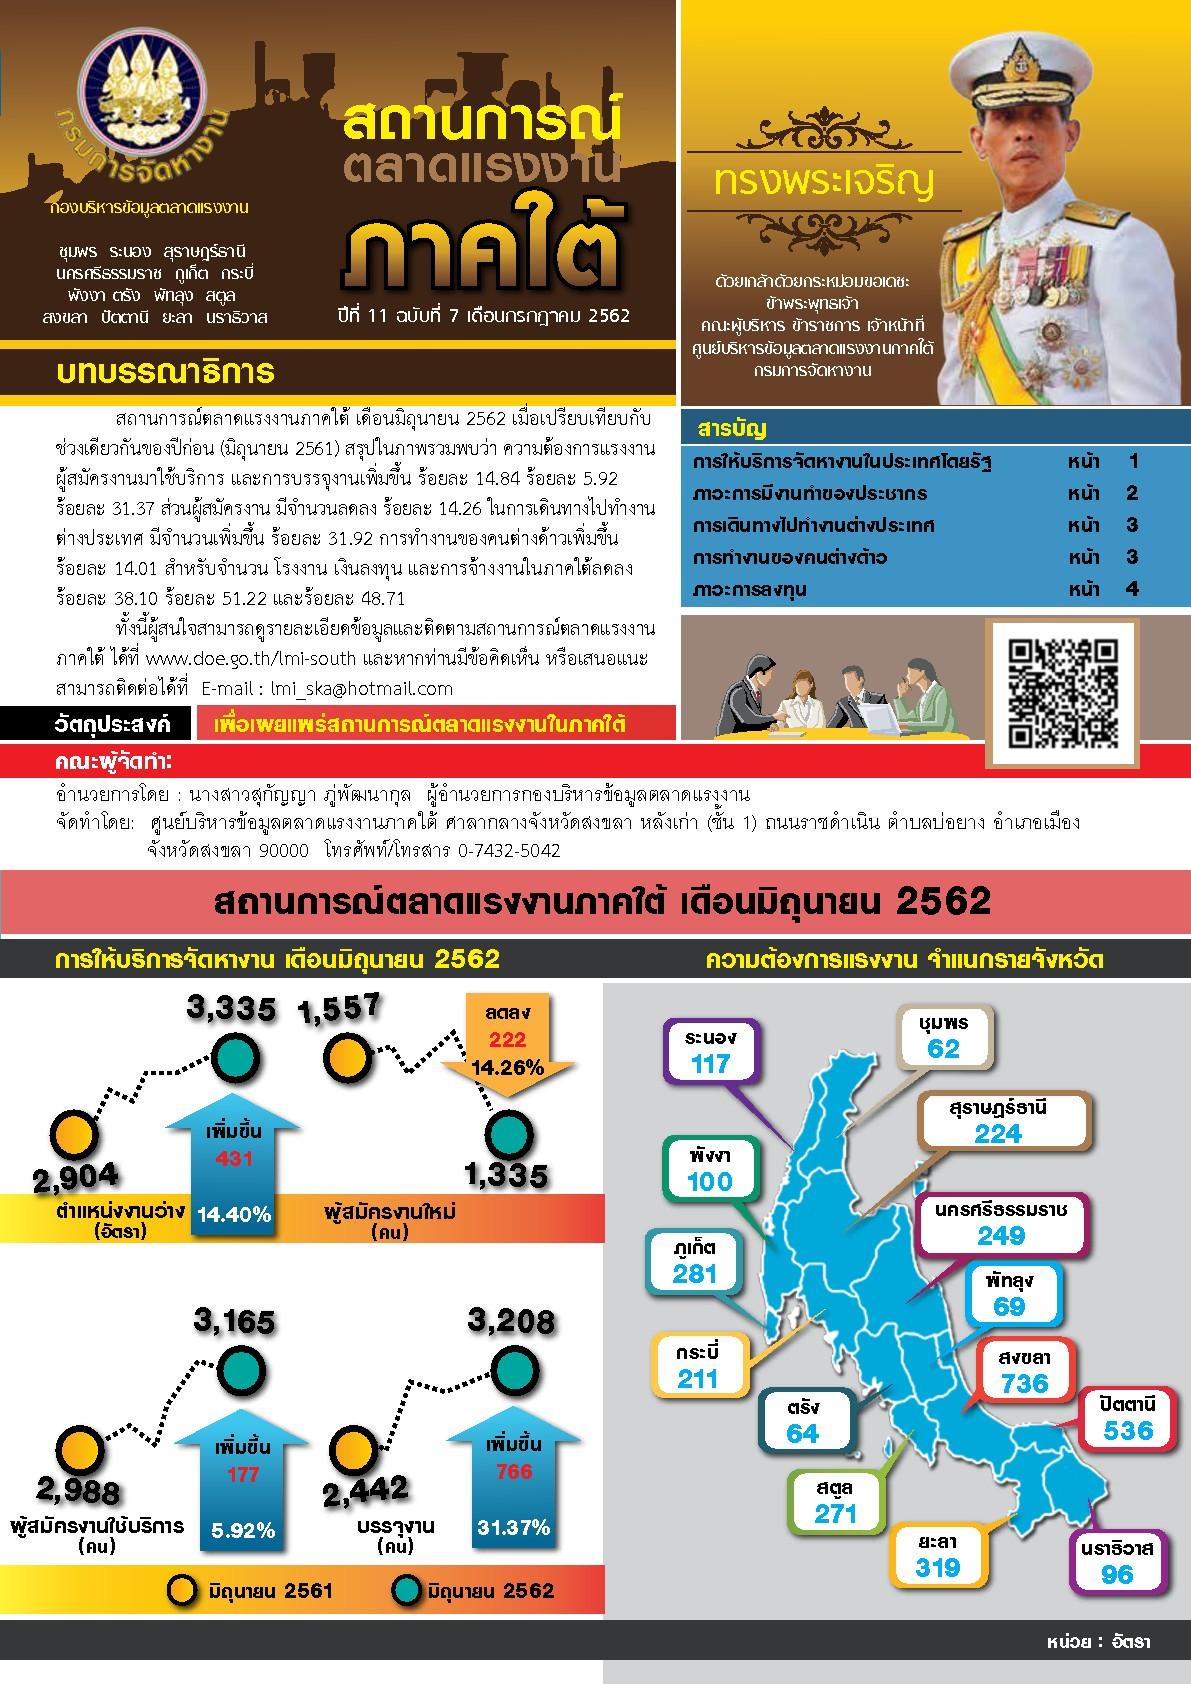 วารสารสถานการณ์ตลาดแรงงานภาคใต้ ปีที่ 11 ฉบับที่ 7 เดือนกรกฎาคม 2562